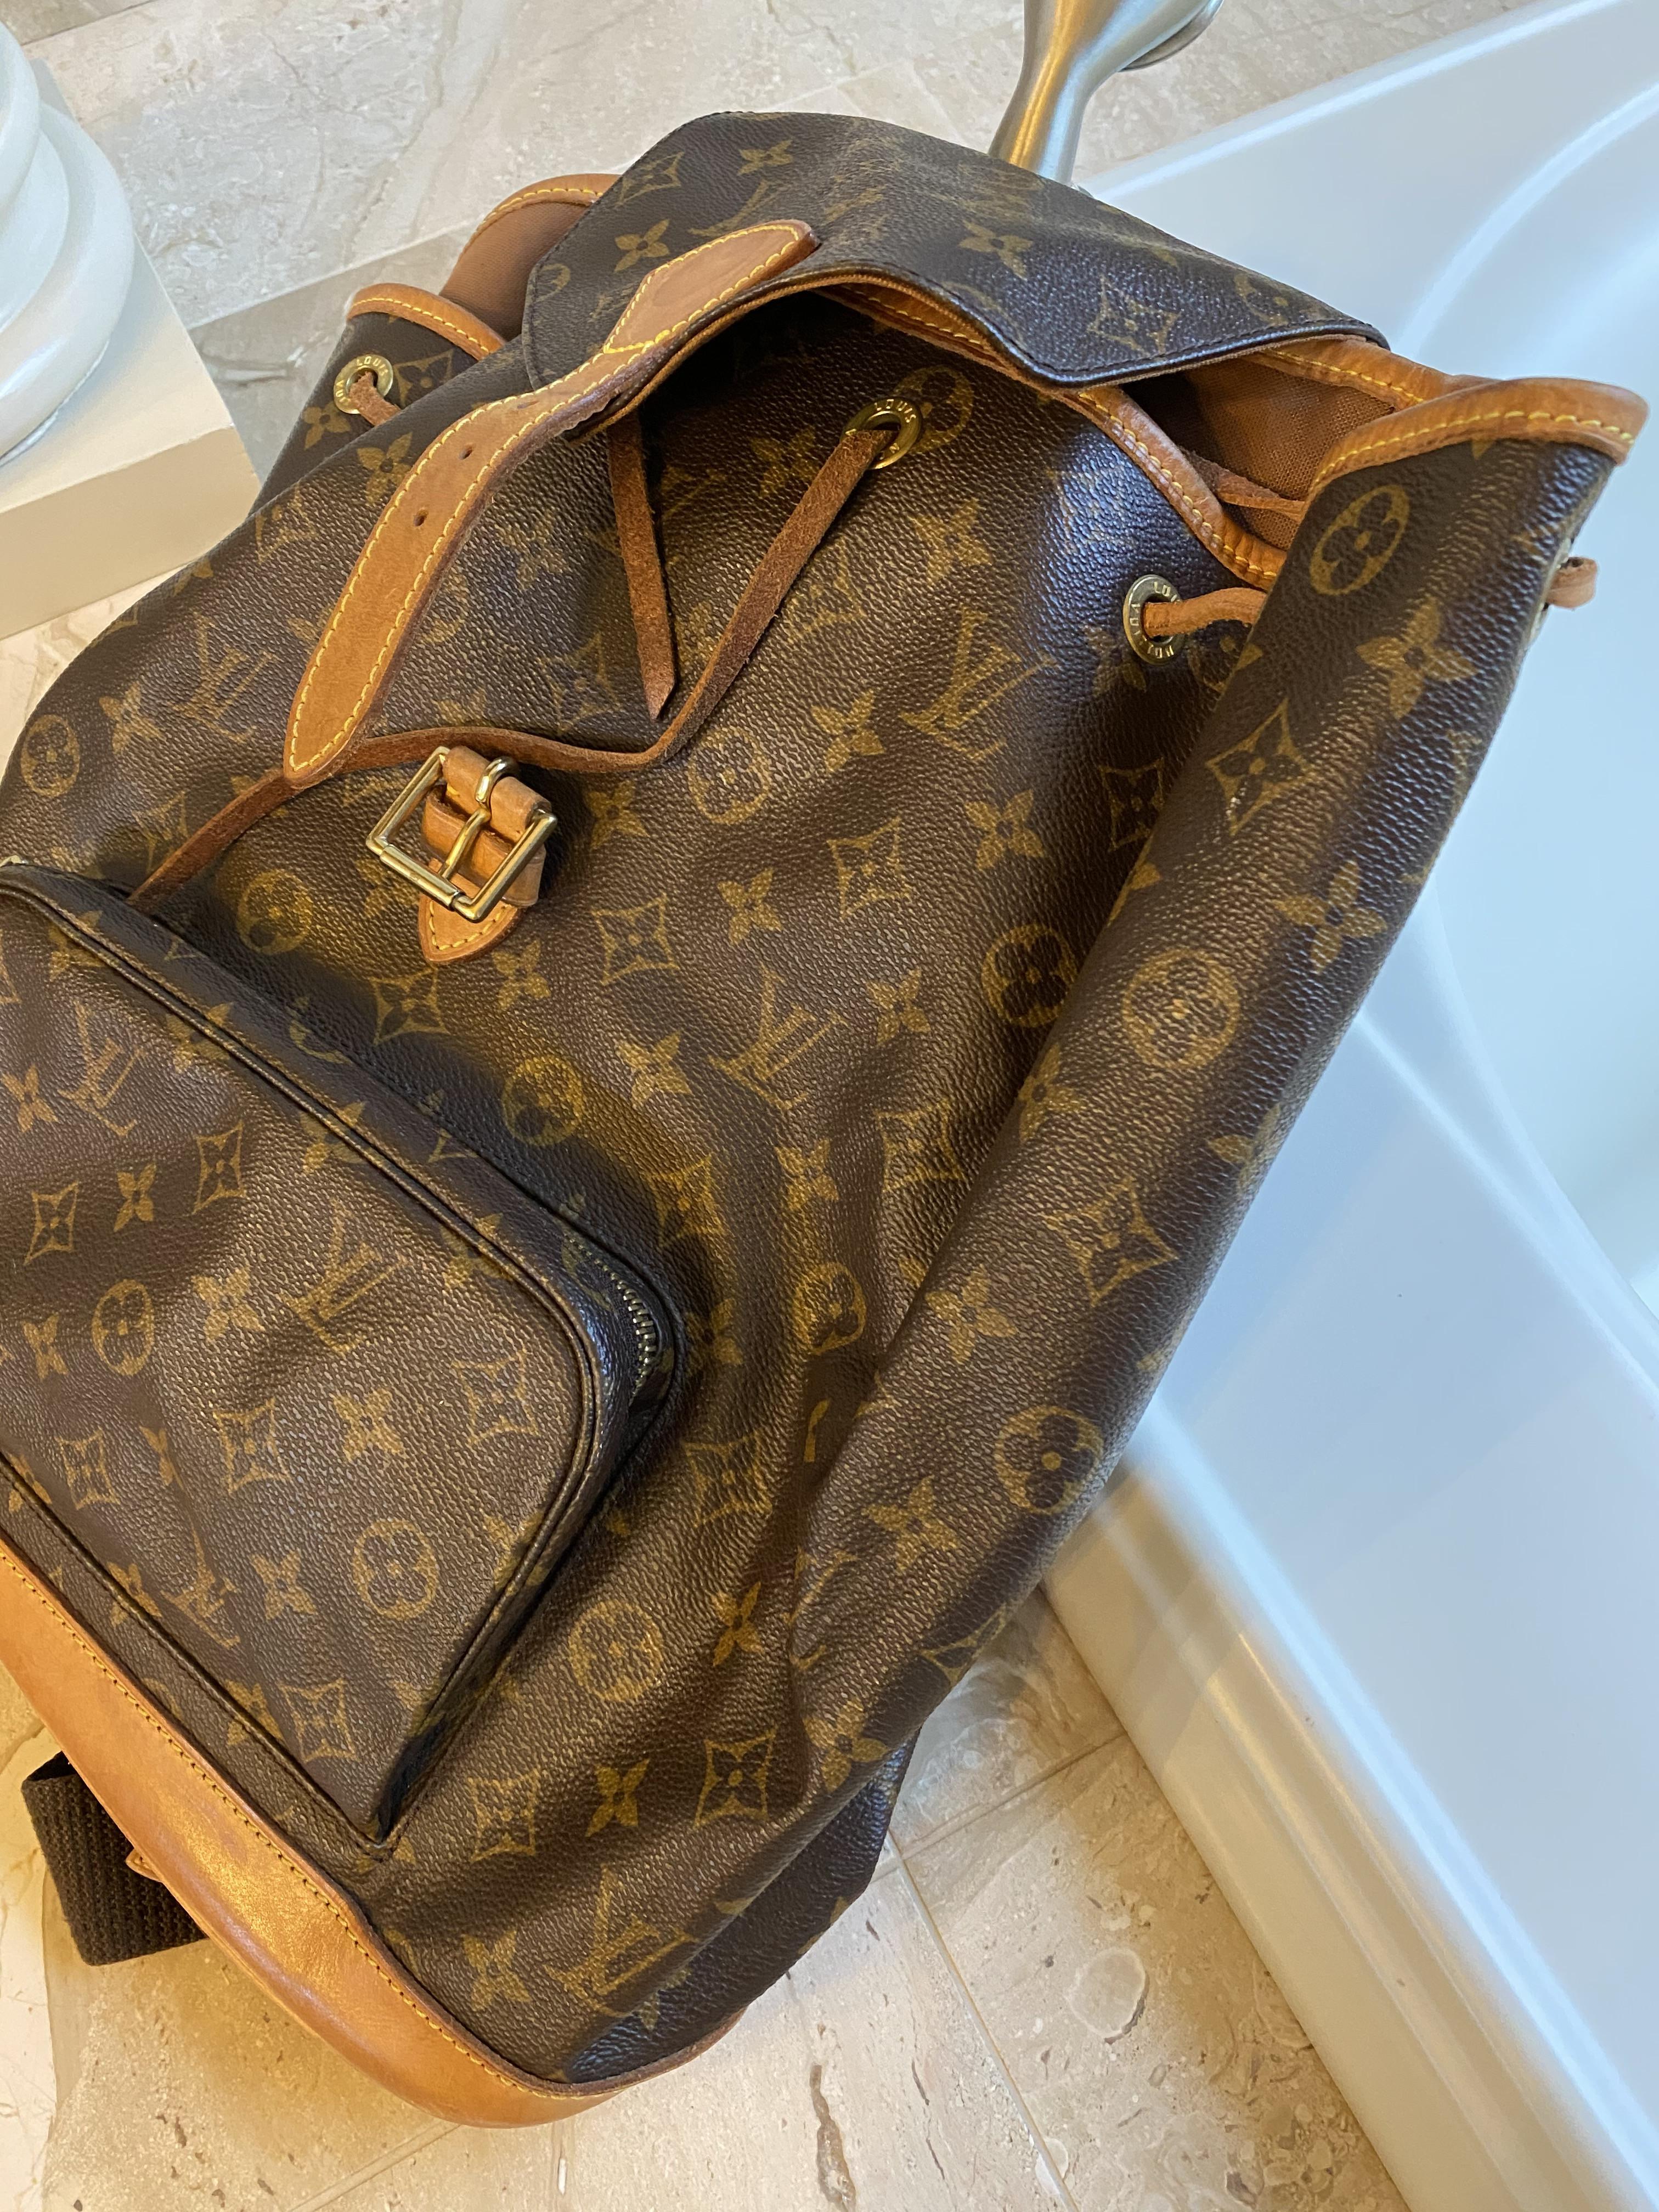 LV Backpack 4a3692167e32e20d232debb55f181de3